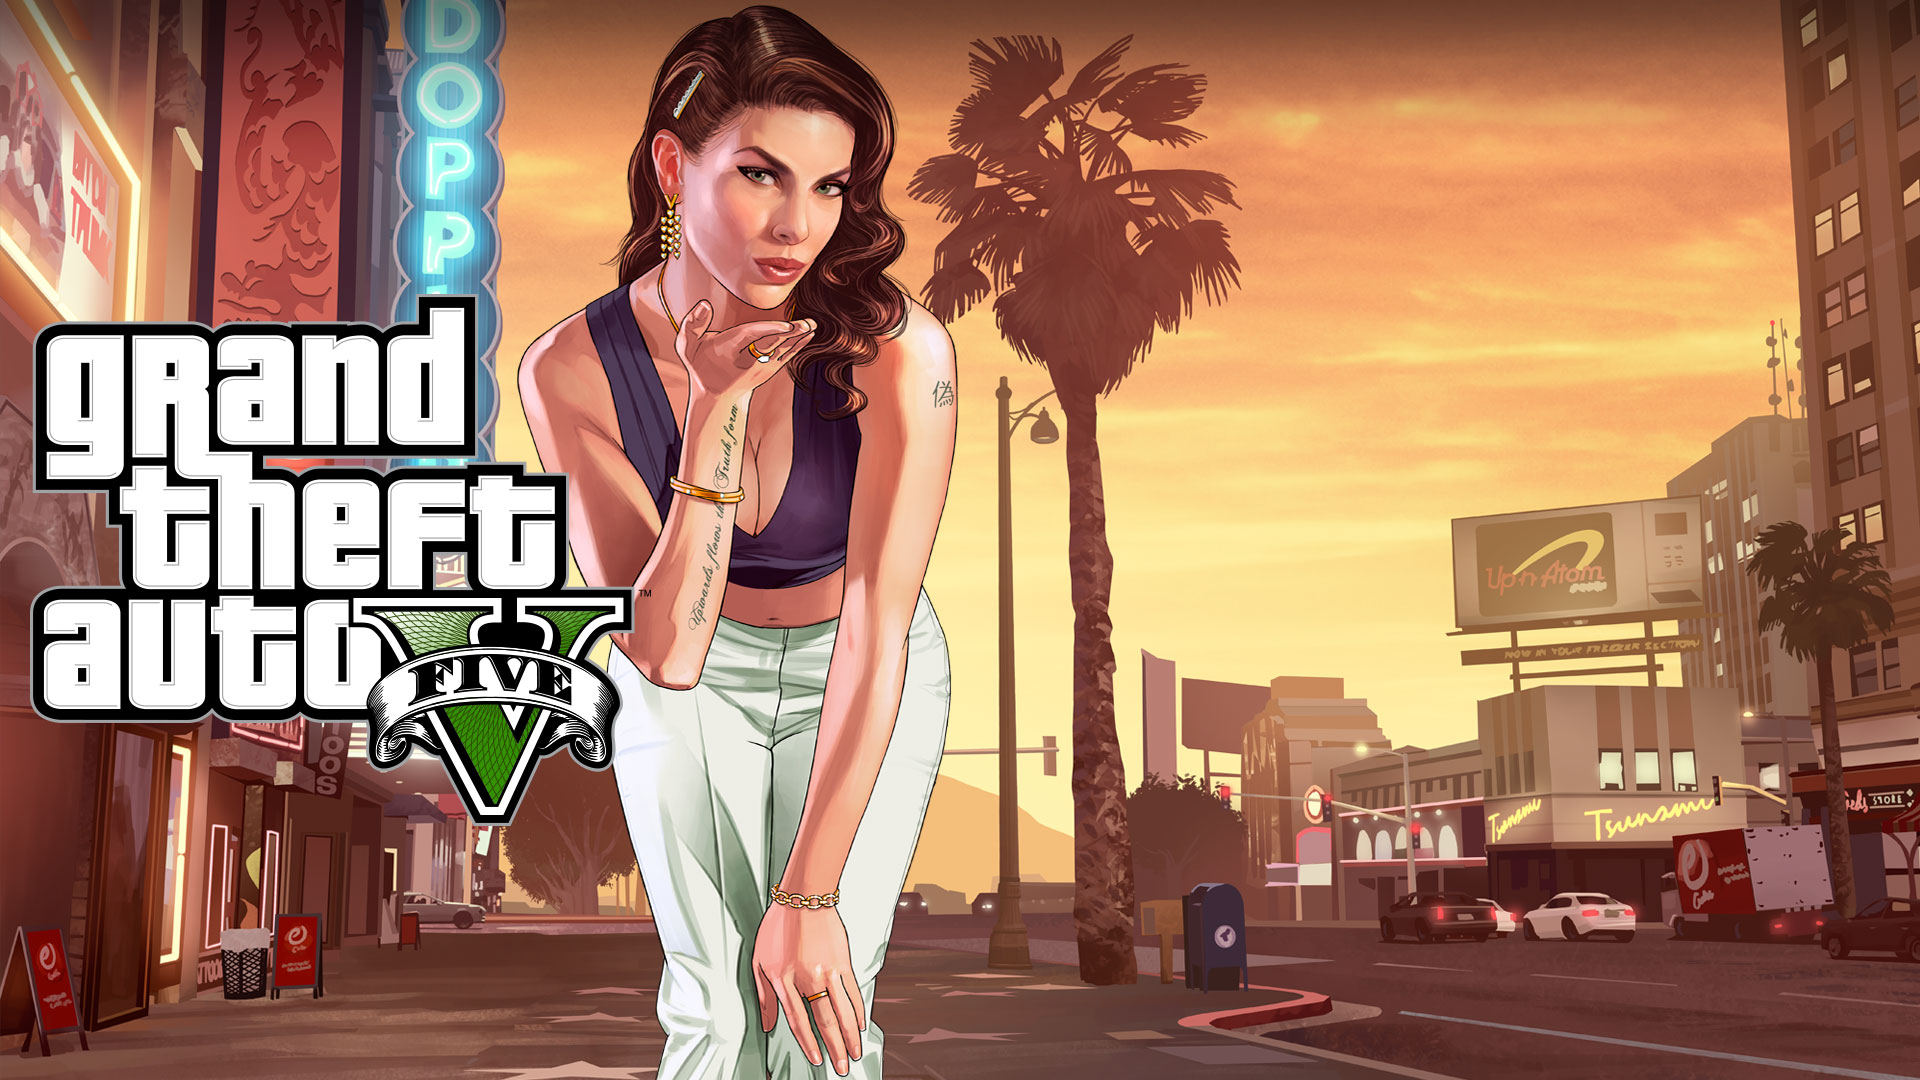 Grand Theft Auto V, una mujer se inclina hacia adelante y tira un beso con la puesta de sol de Los Santos detrás de ella.